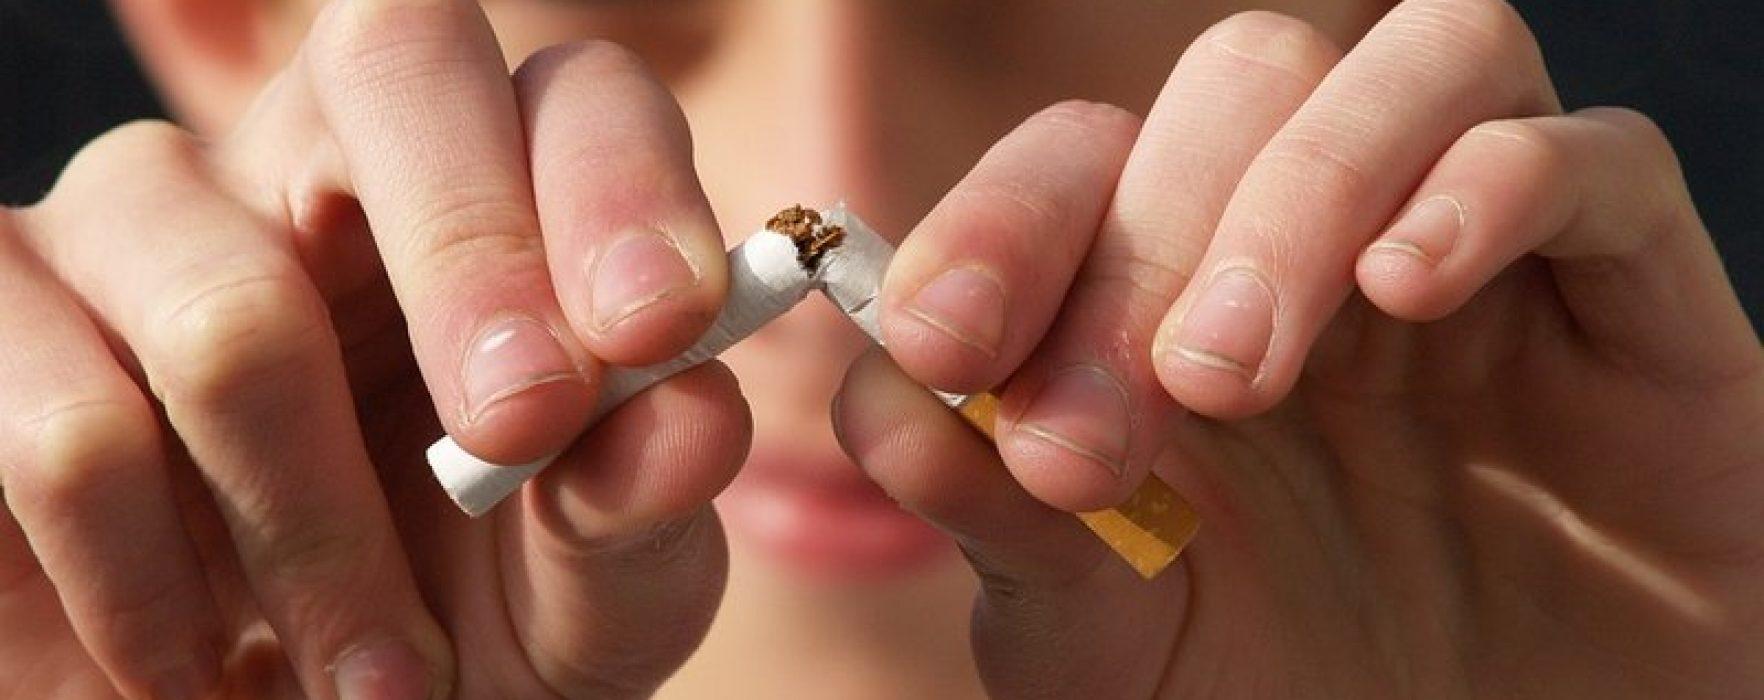 Say NO to smoking today